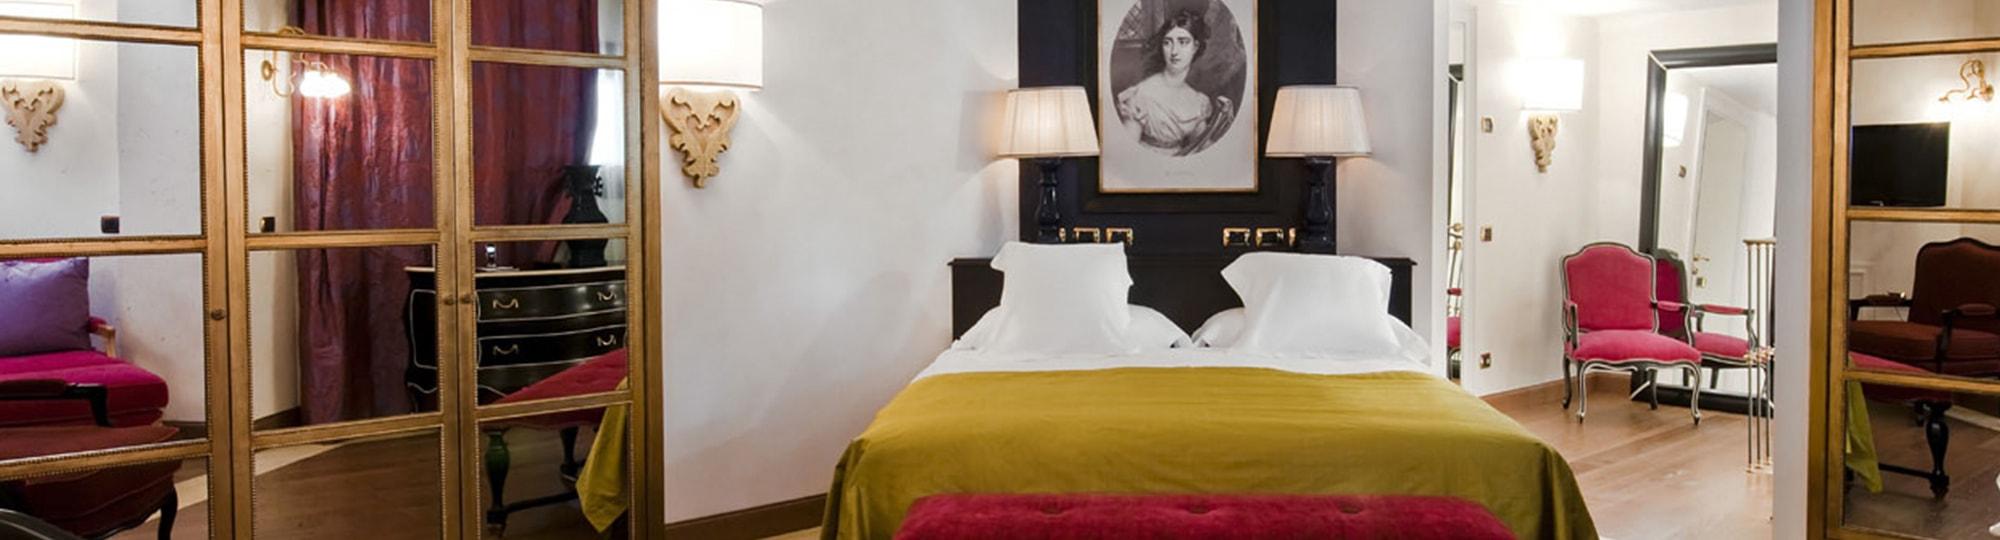 Casta diva resort spa 5 r servez l 39 h tel casta diva resort - Casta diva spa ...